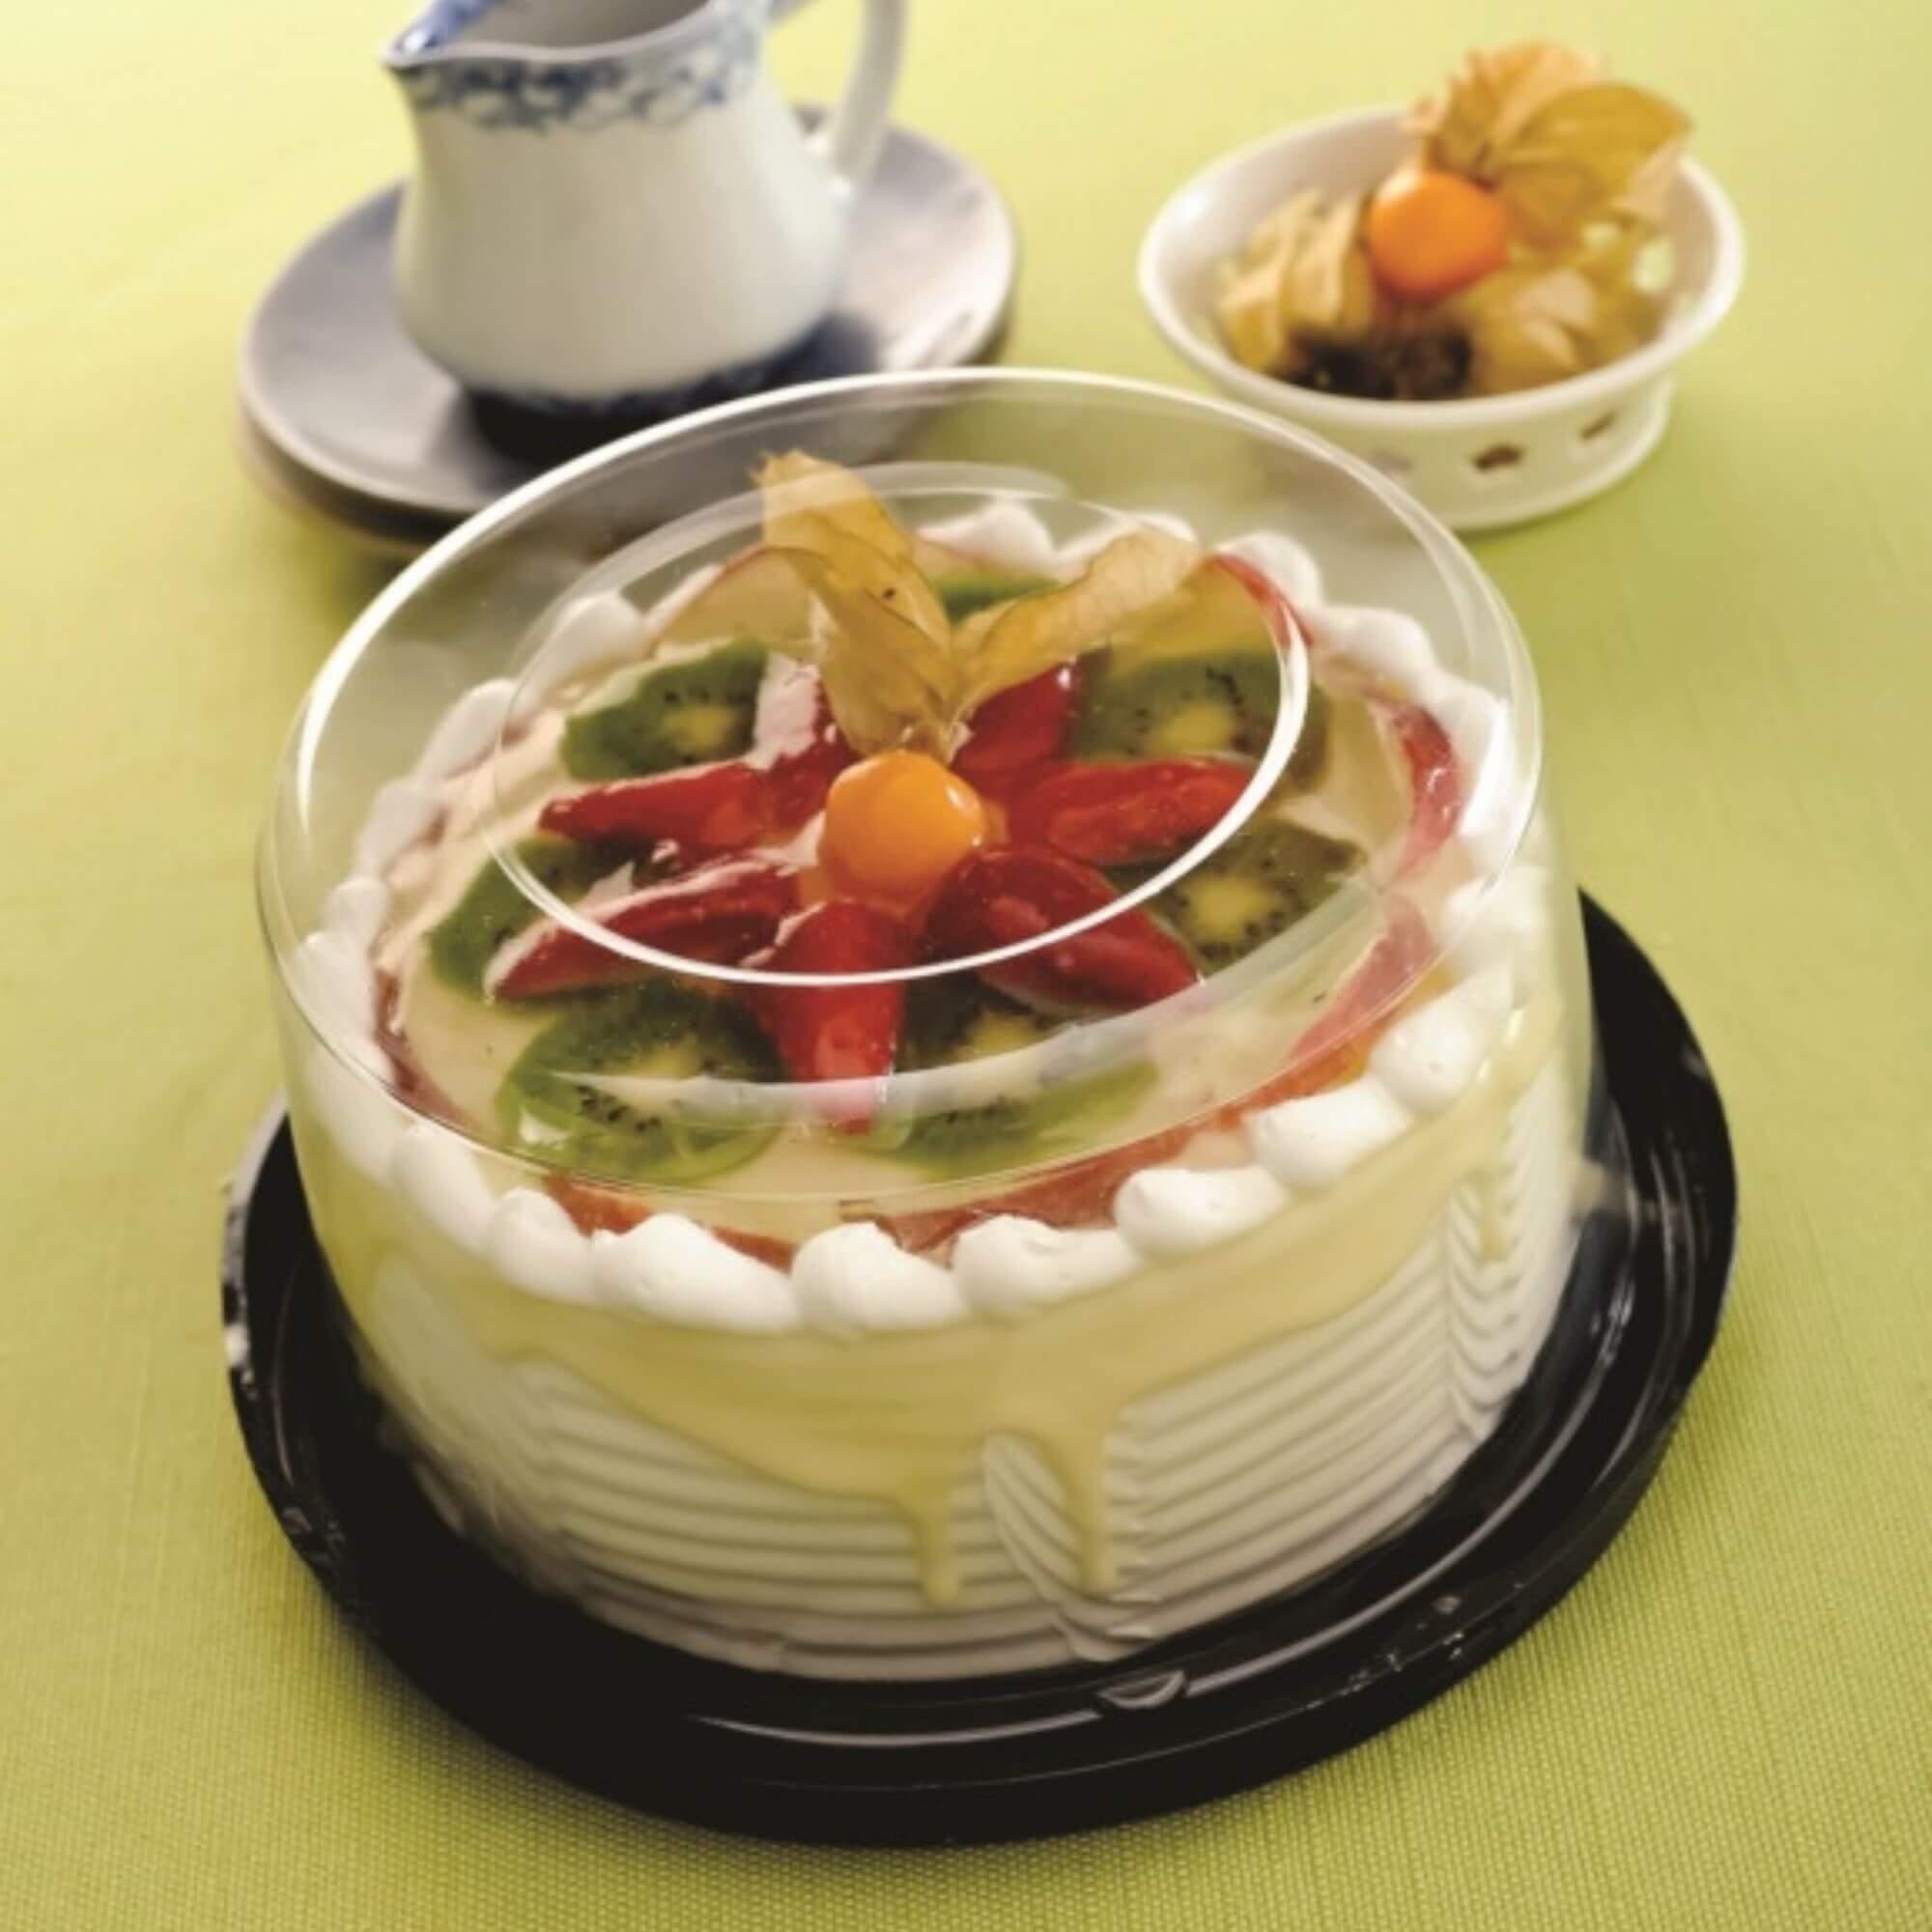 Embalagem para bolo confeitado forma 11 de 500g - G35 Galvanotek